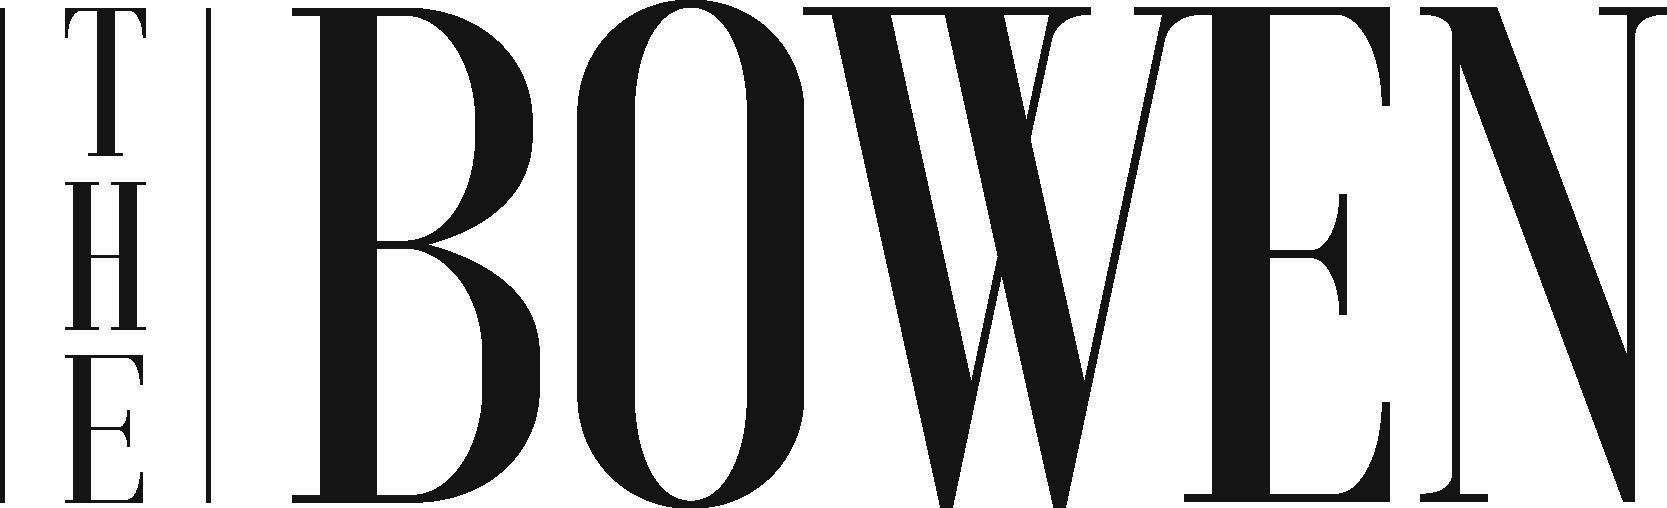 The Bowen logo in black